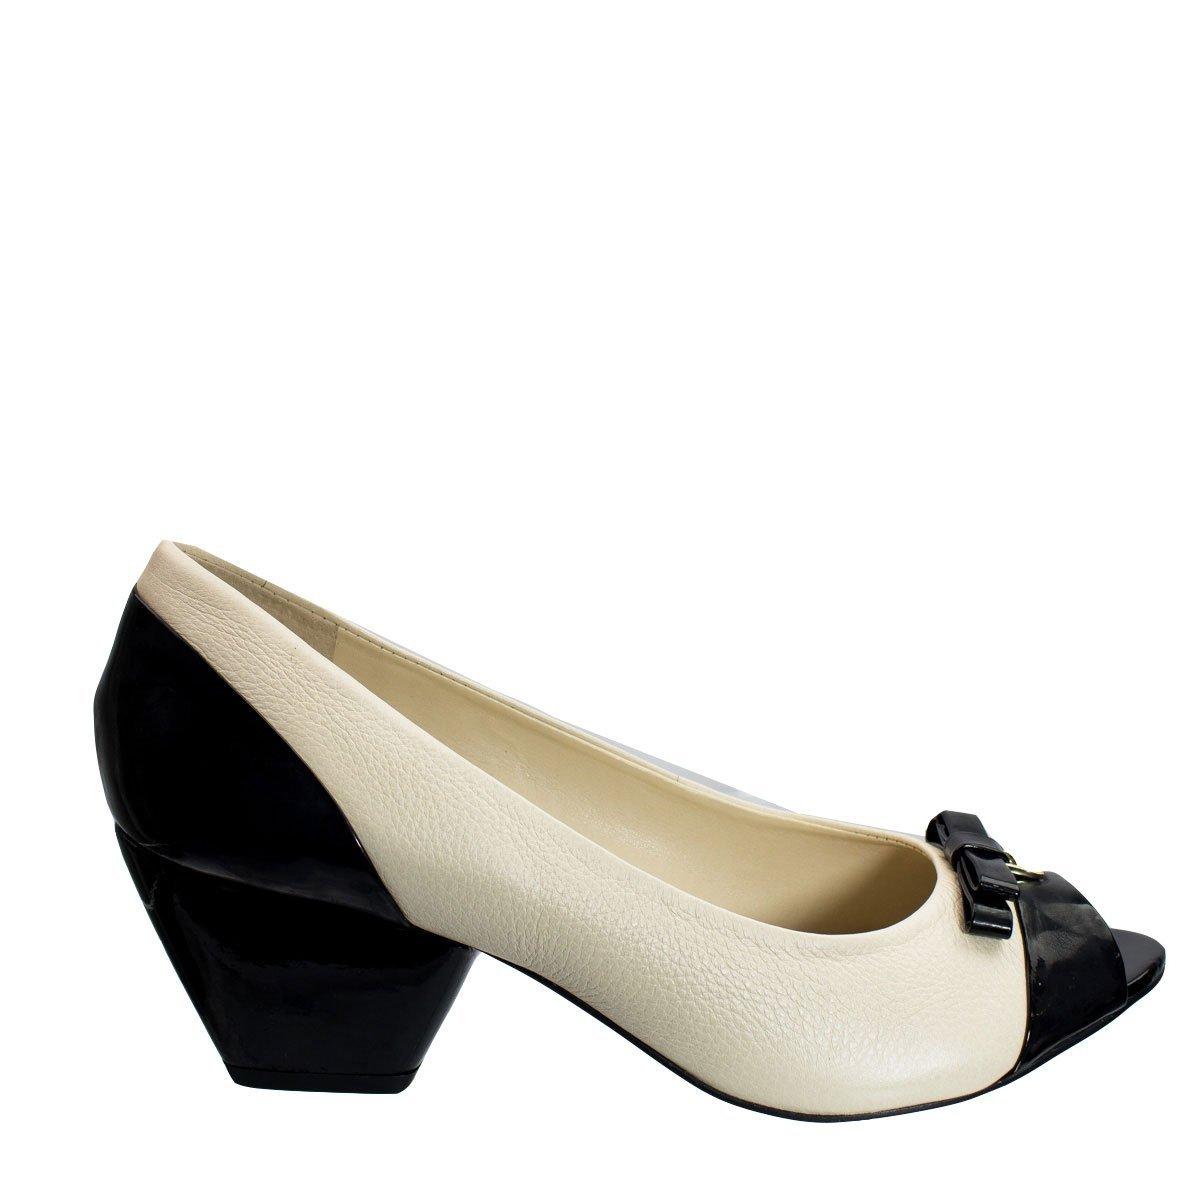 Loucos Santos e Nude Peep 04 Toe Peep Toe 360 Sapato Sapato 4xH6qX